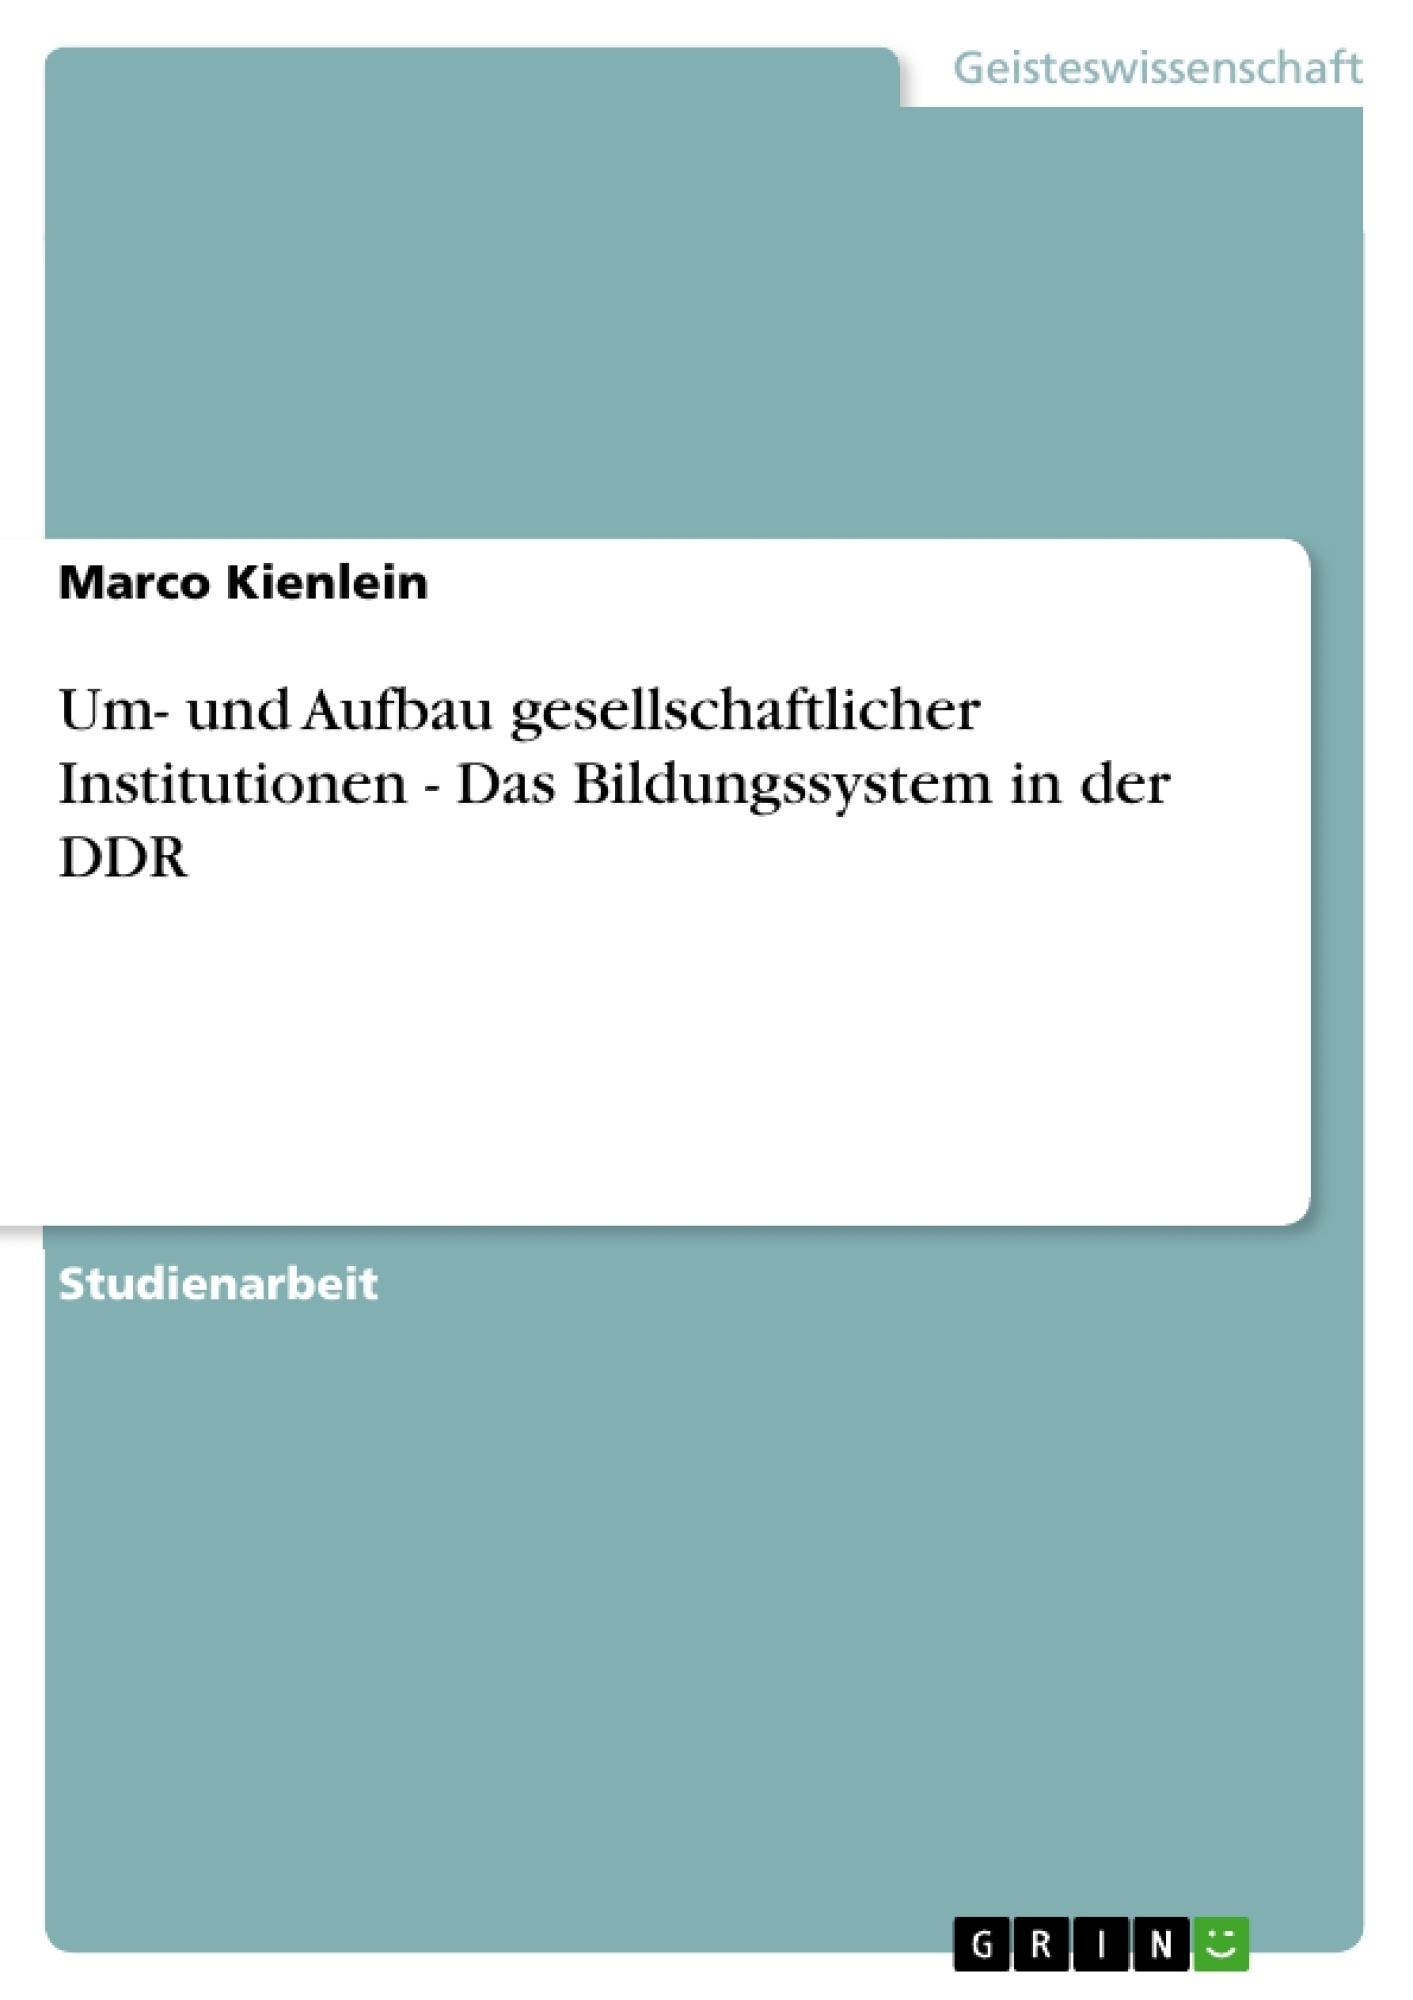 Titel: Um- und Aufbau gesellschaftlicher Institutionen - Das Bildungssystem in der DDR